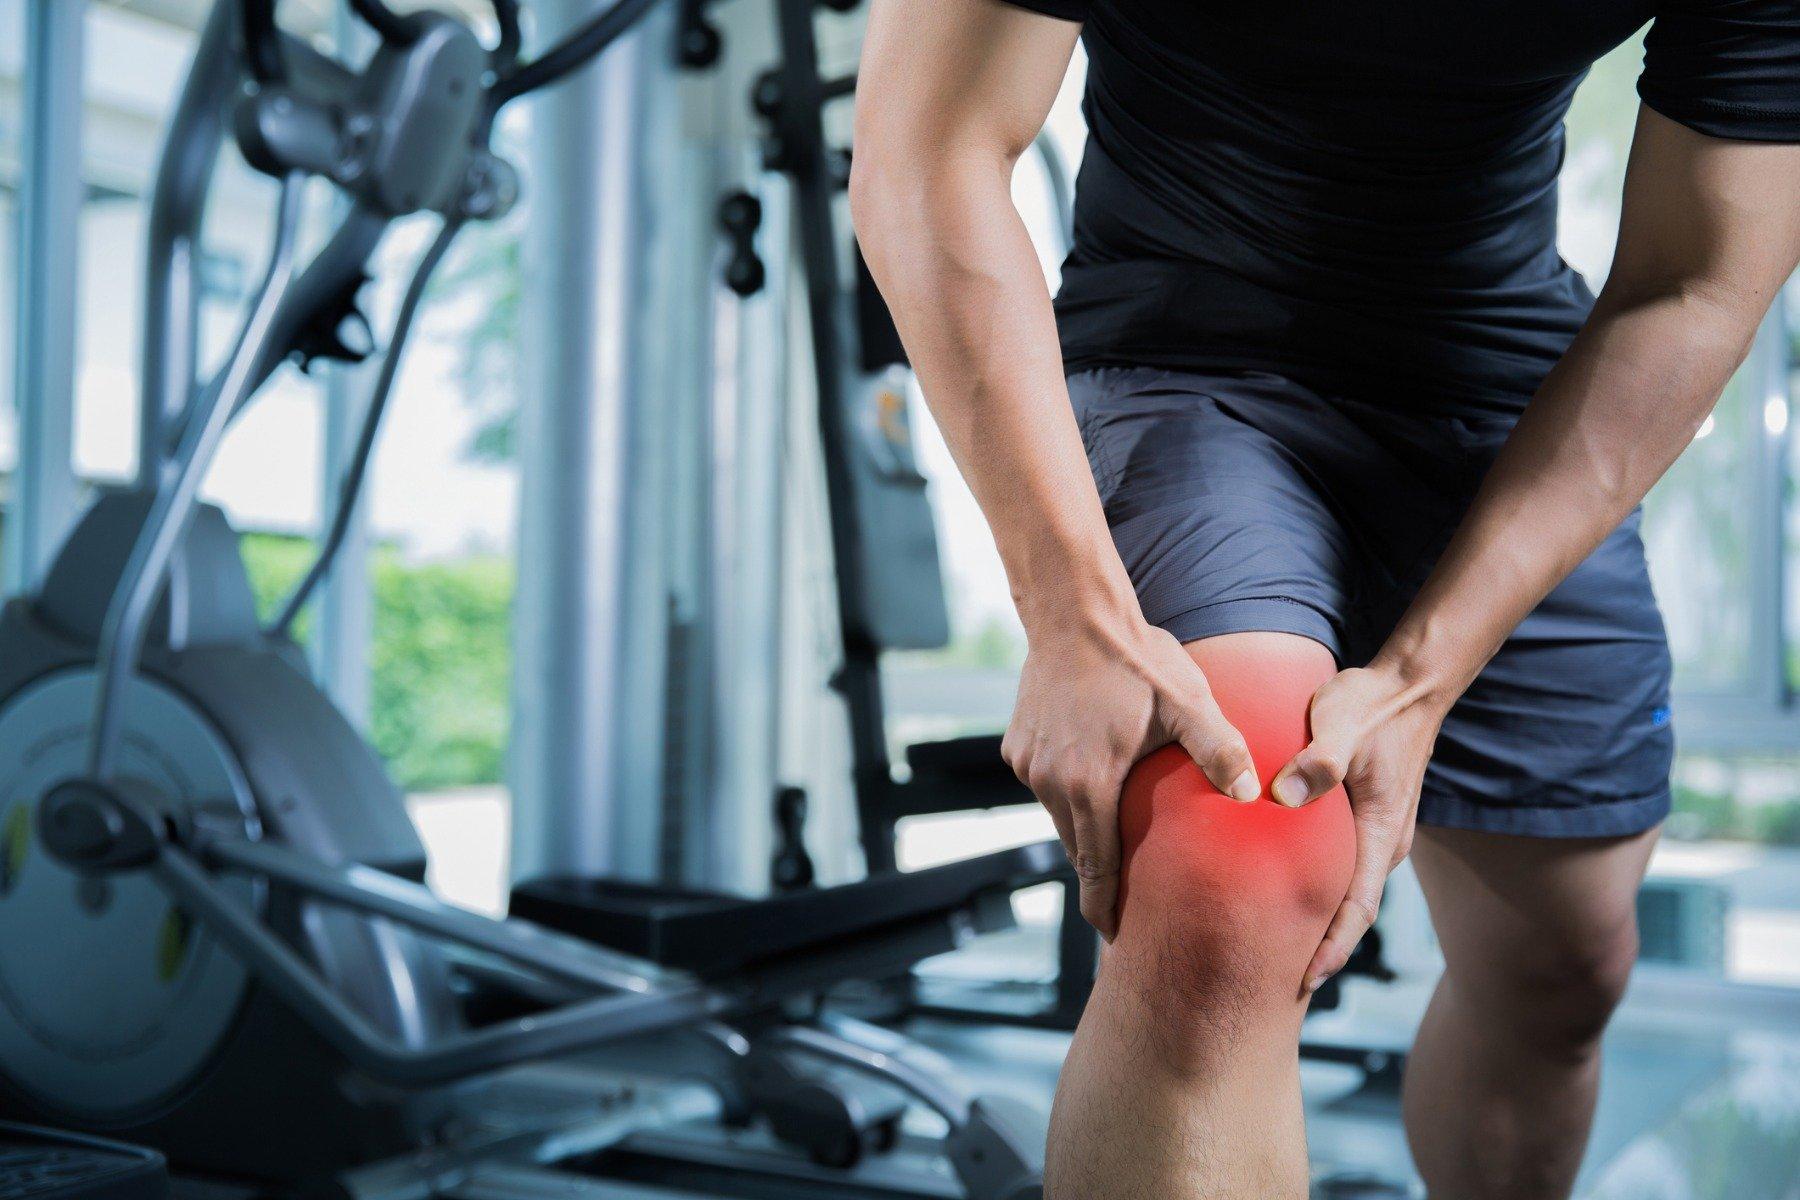 Fáj a térdem! Mit tegyek térdfájdalom esetén? - Napidoktor